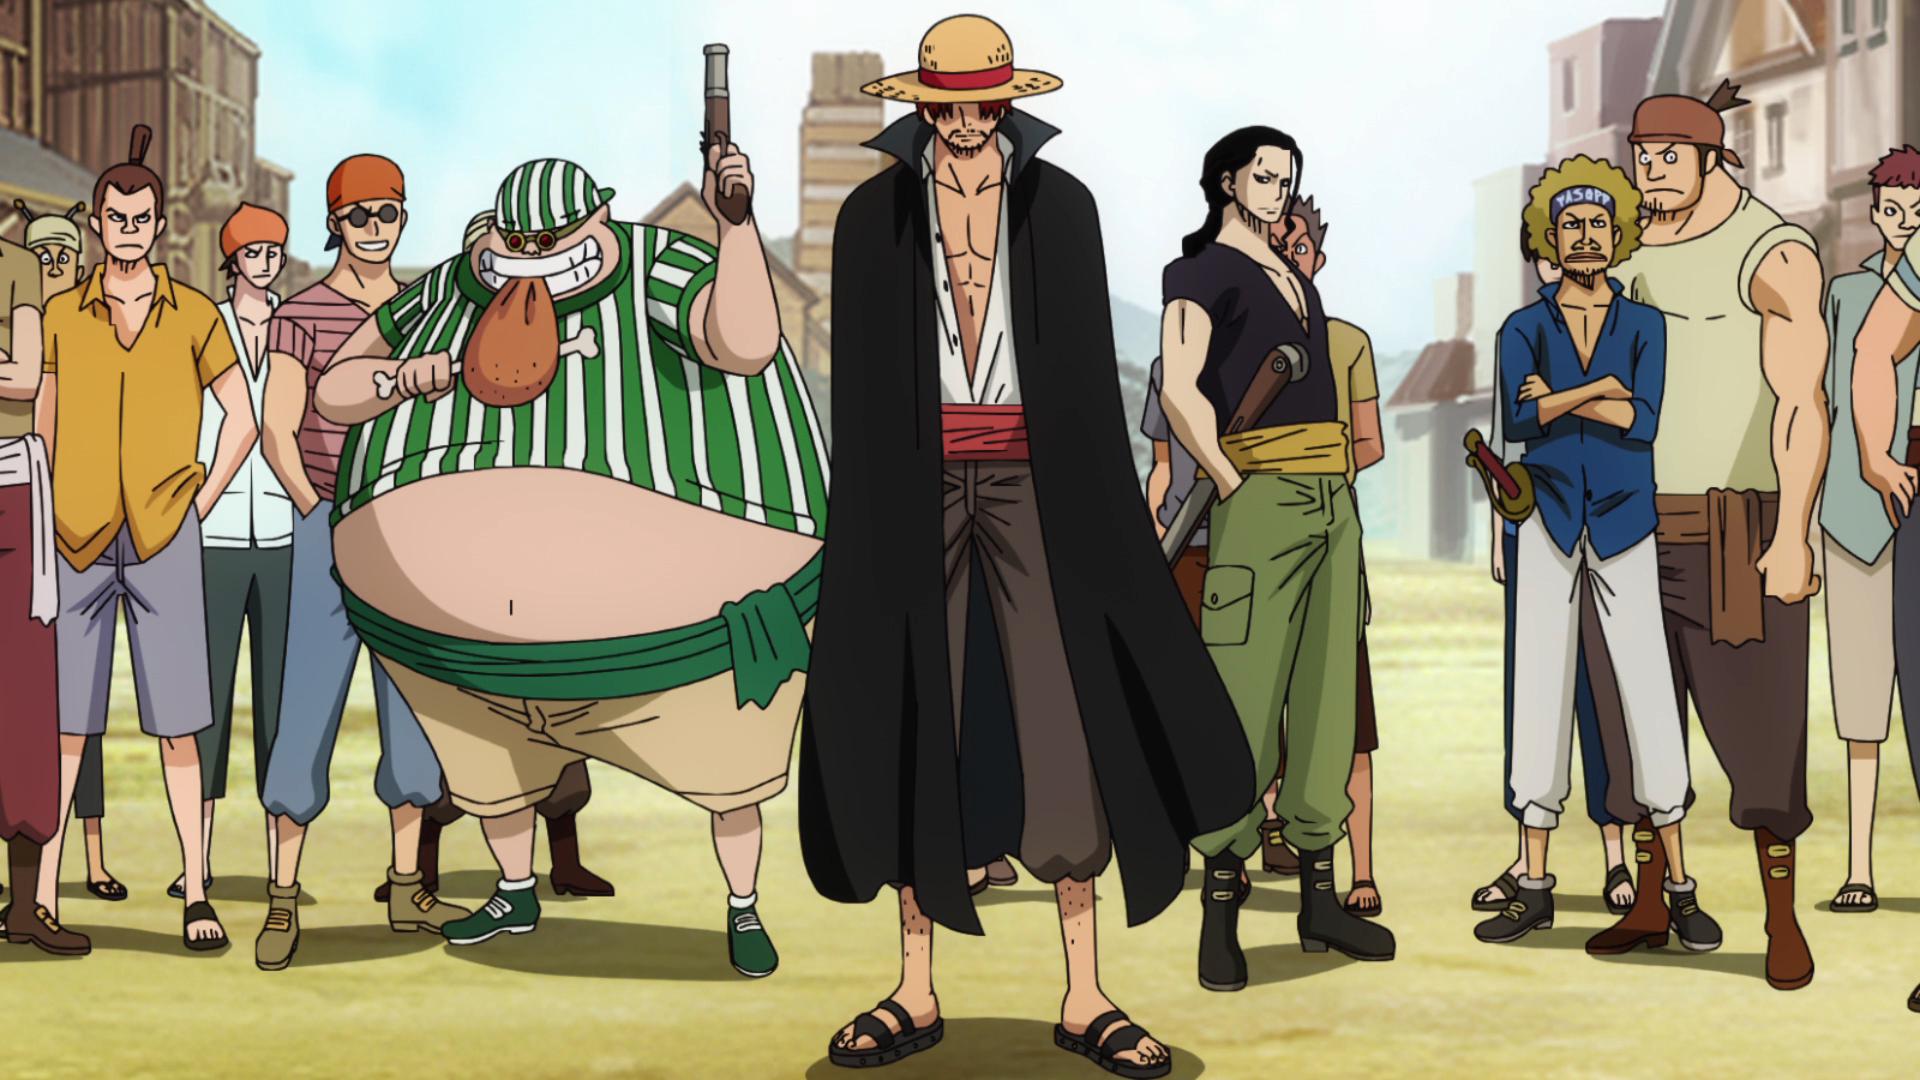 Pirate | One Piece Wiki | FANDOM powered by Wikia